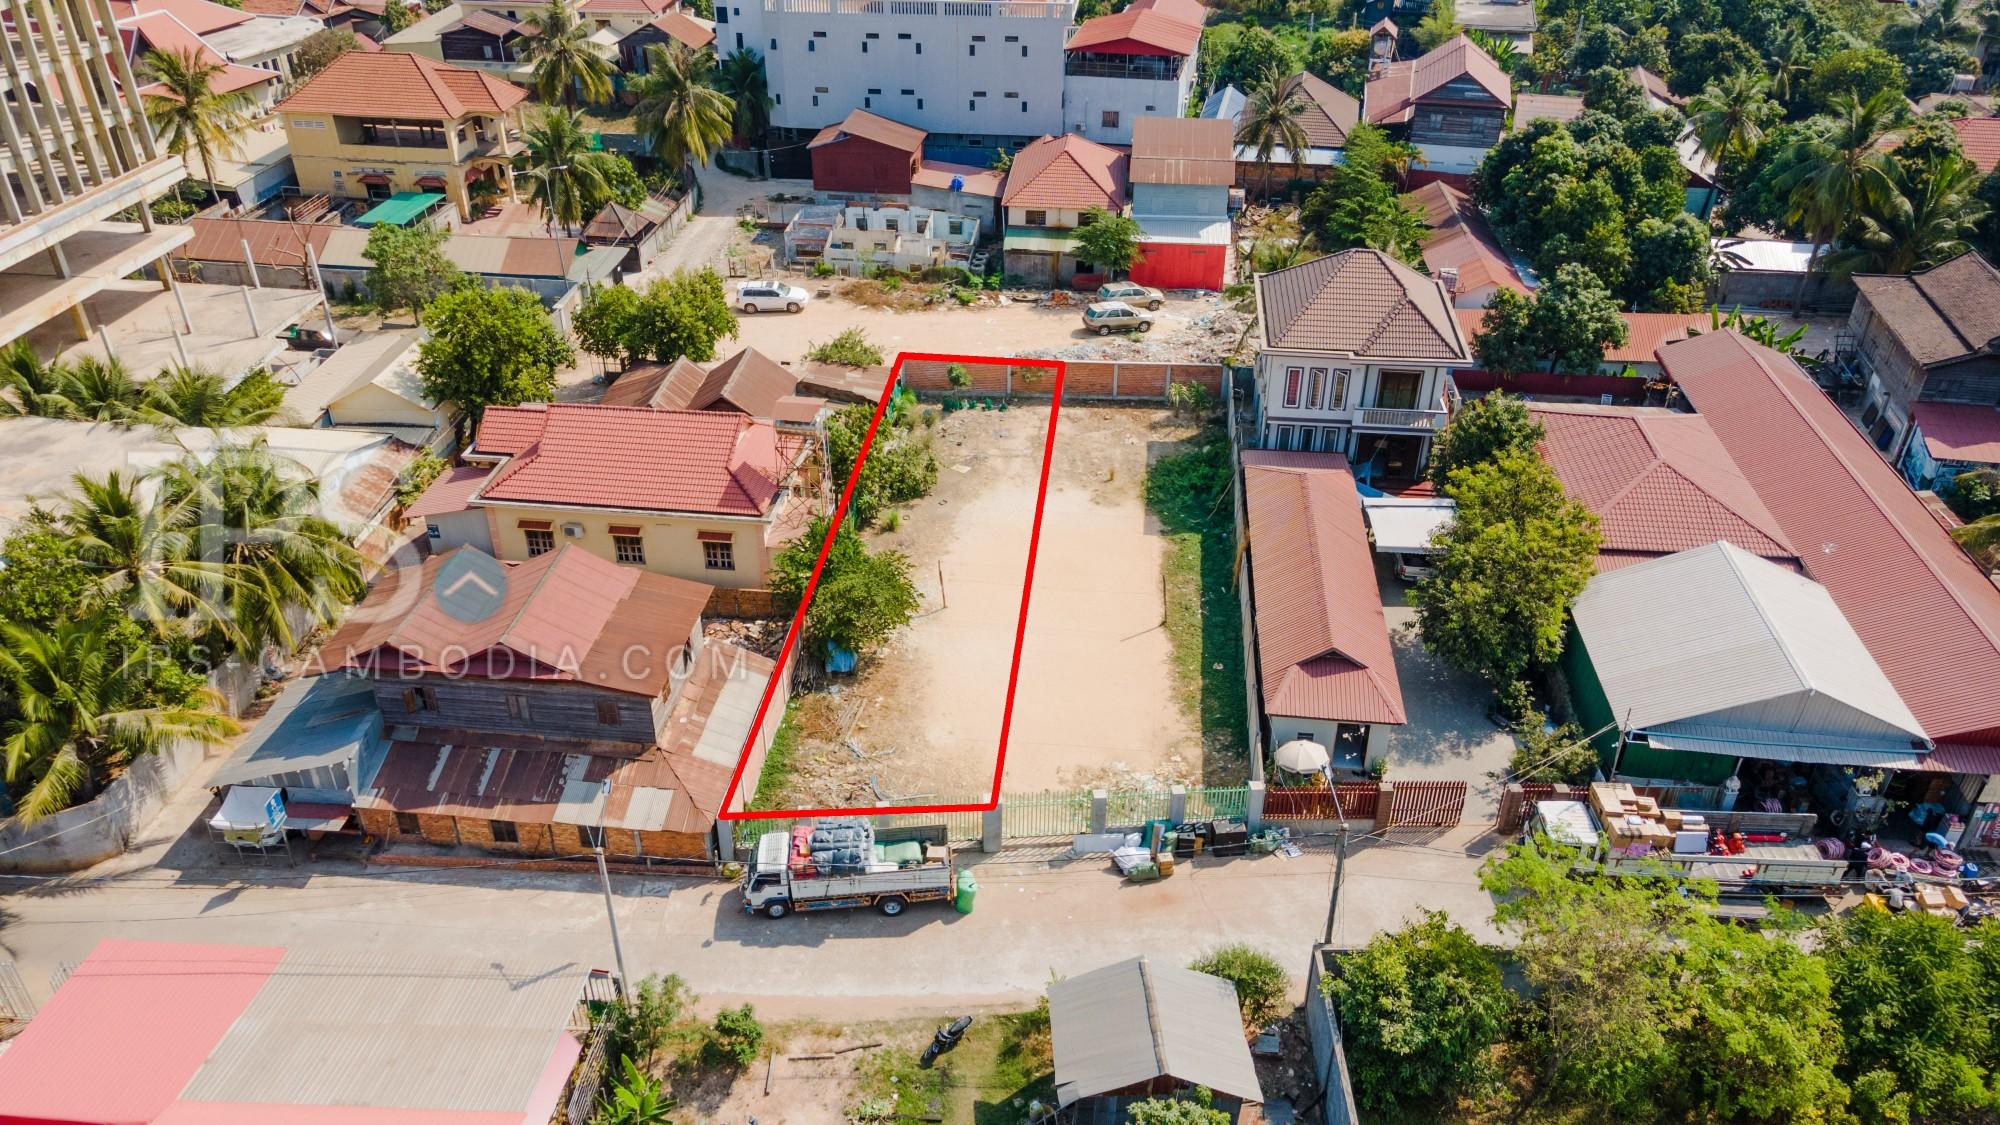 351 Sqm Residential Land For Sale - Slor Kram, Siem Reap